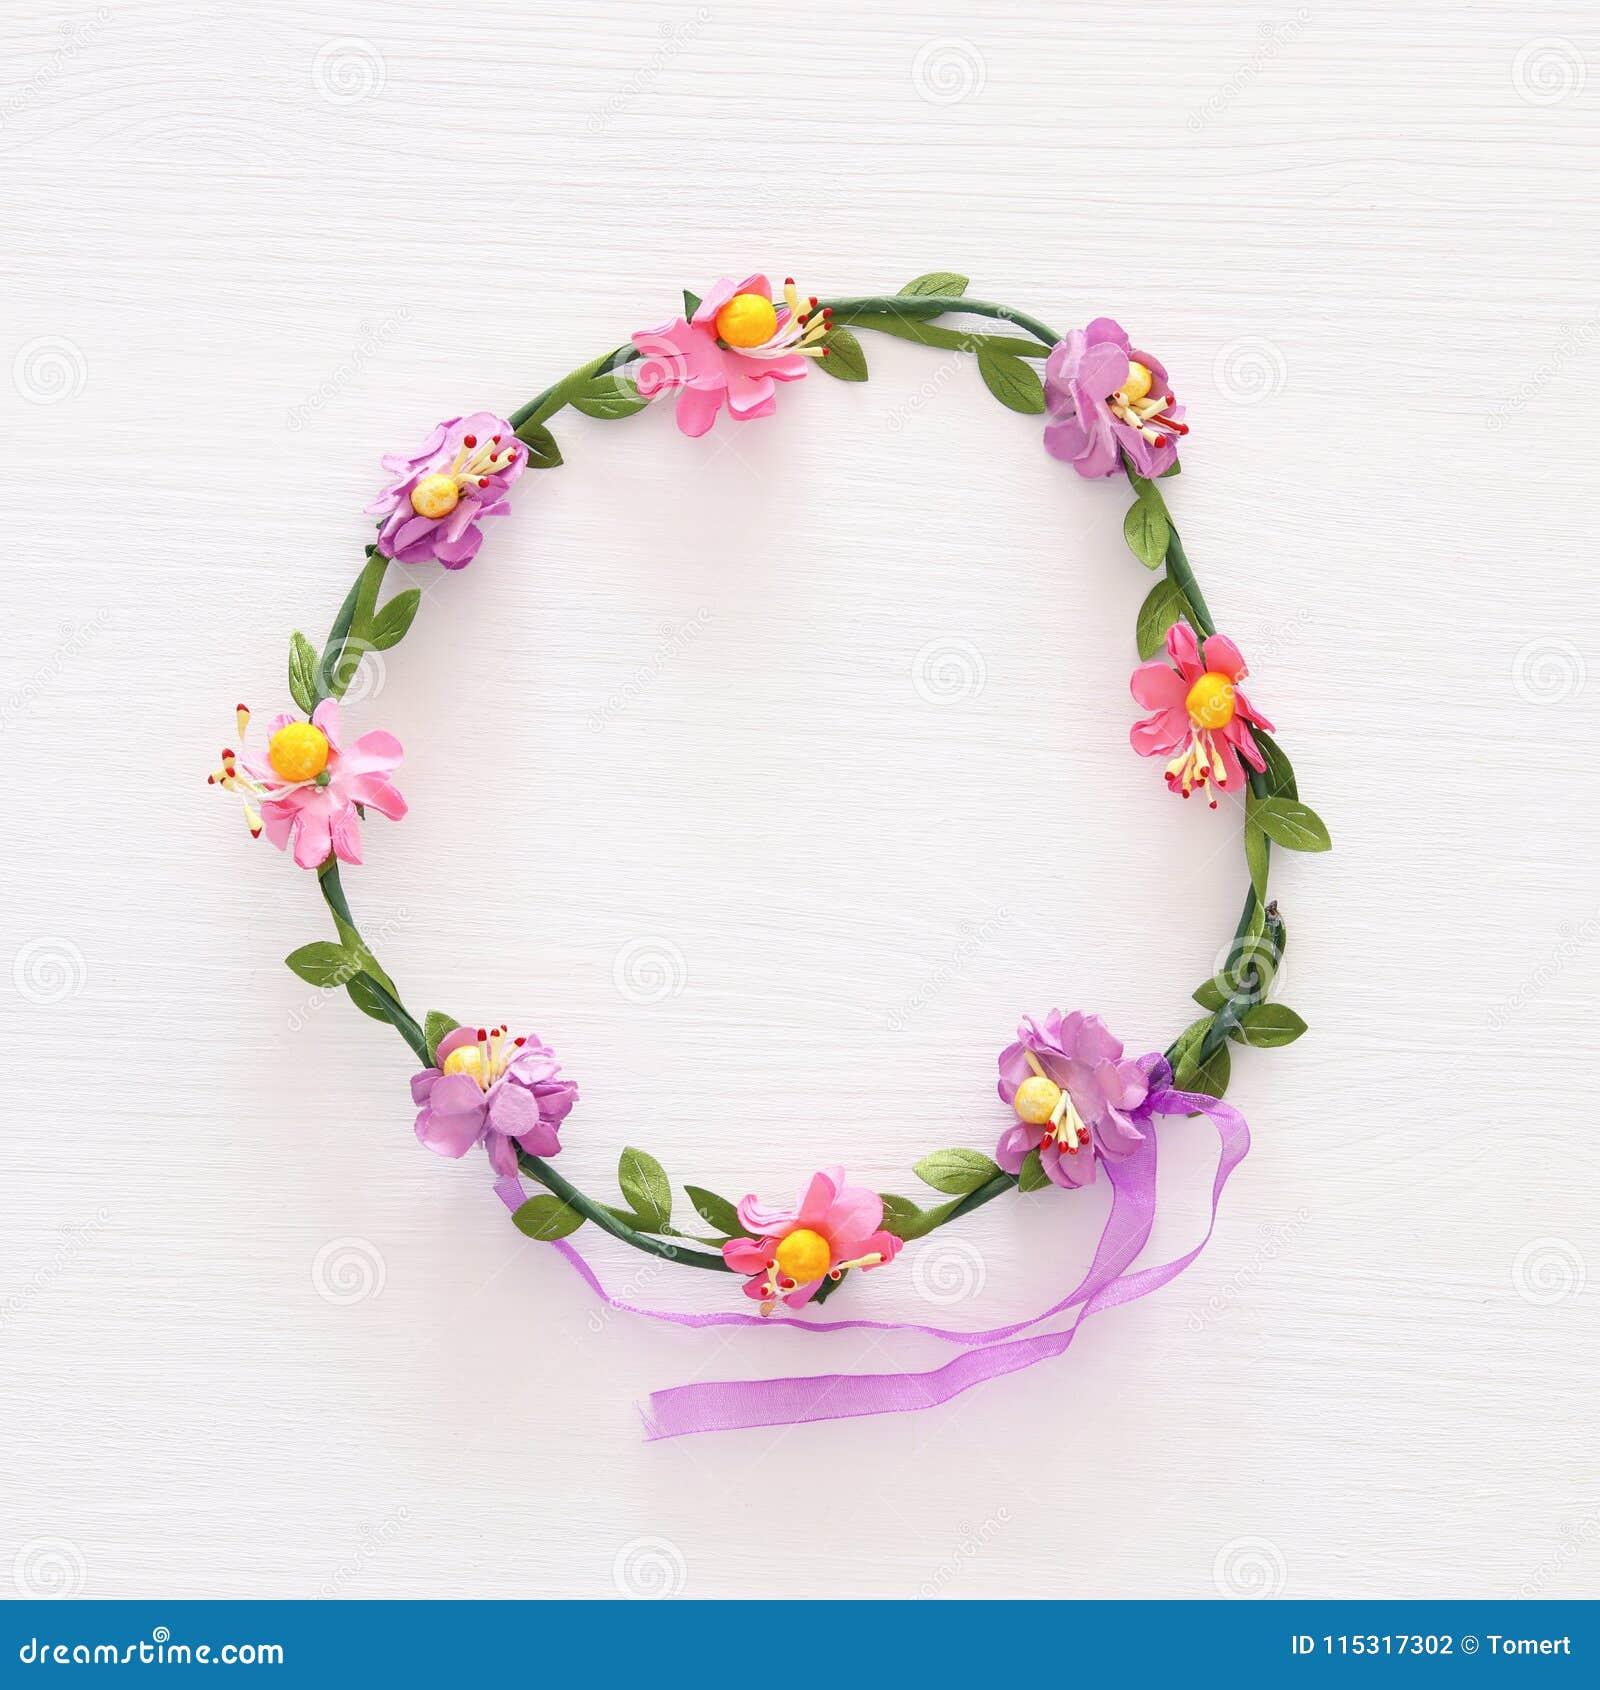 El top compite imagen de la decoración principal decorativa floral Símbolos de j